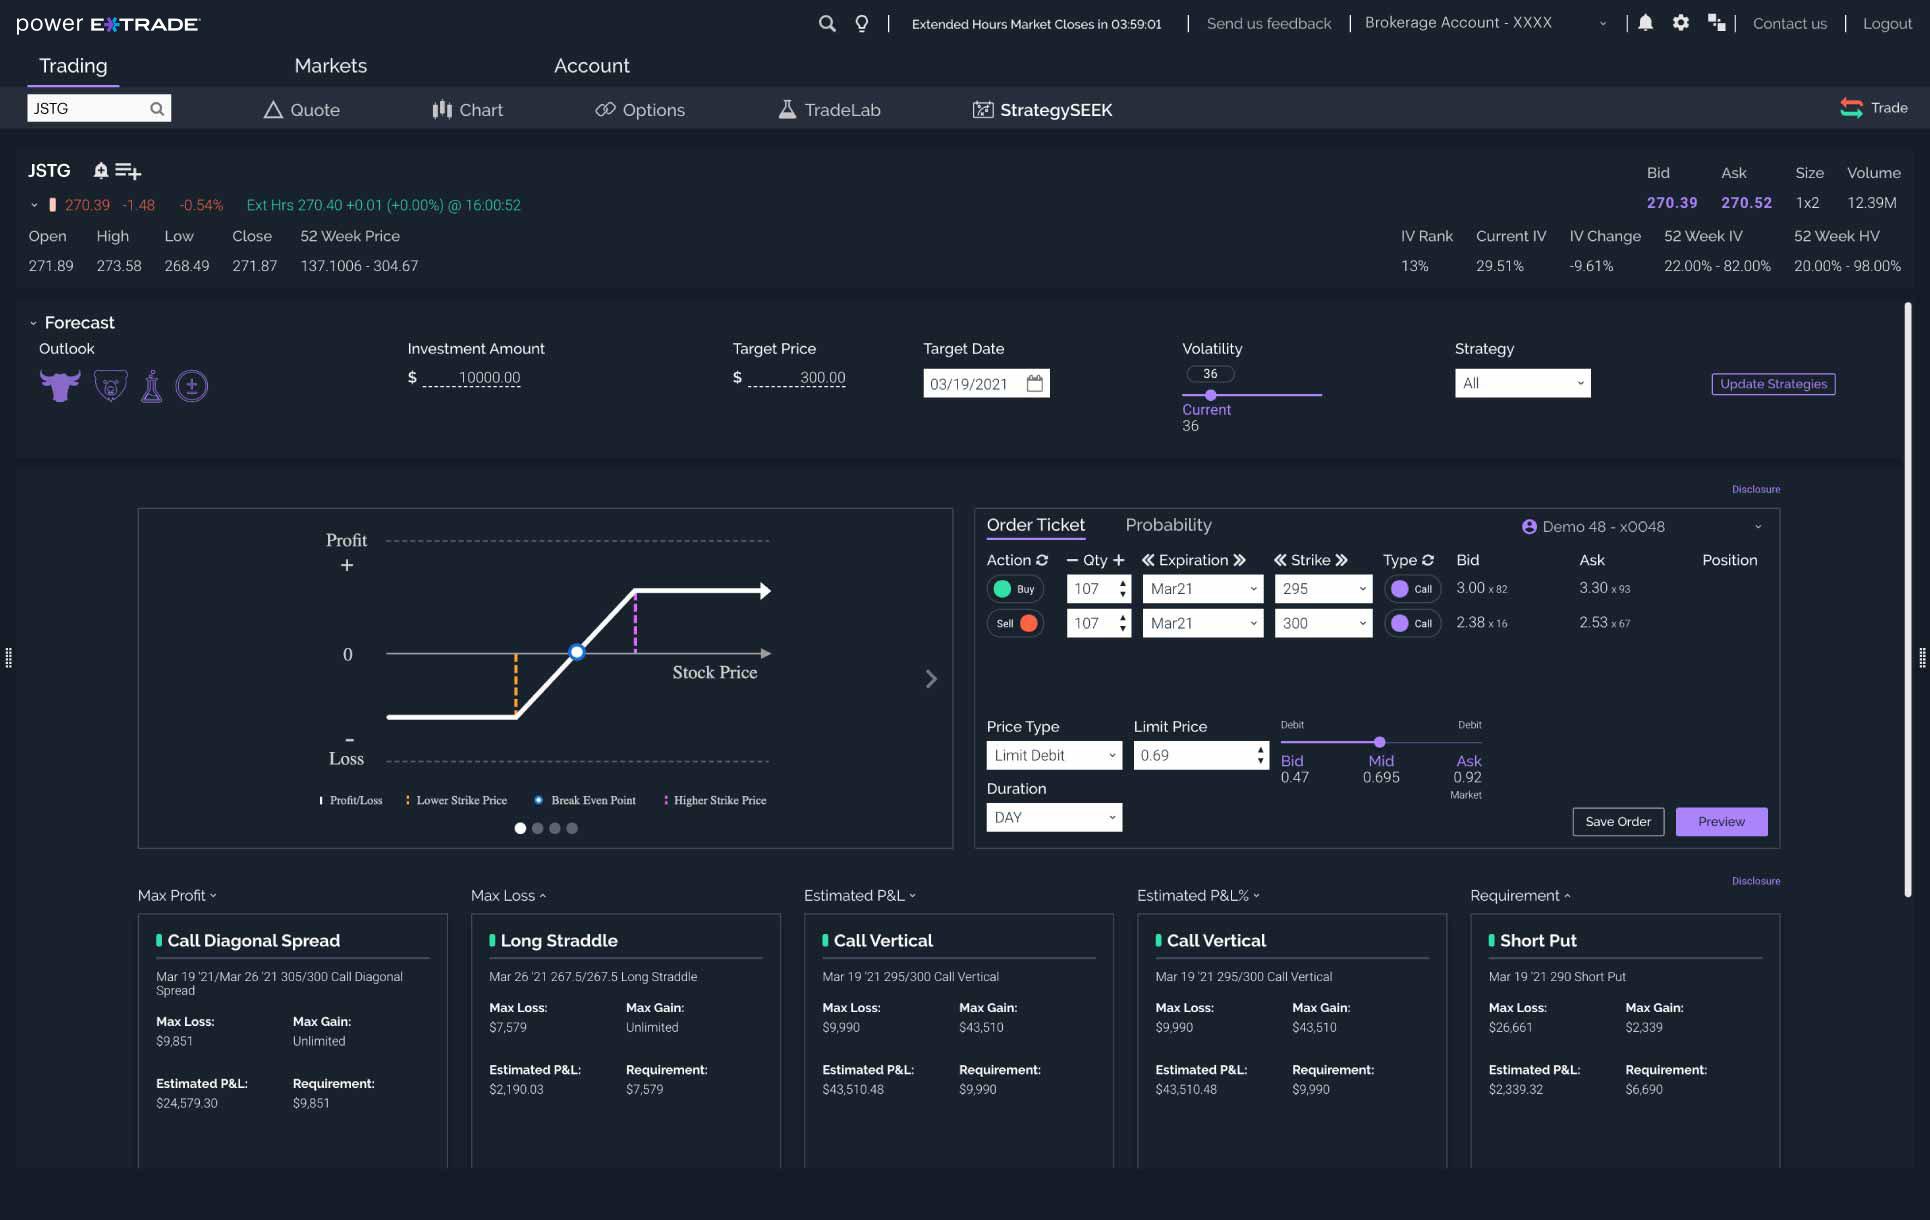 Screenshot of strategy seek